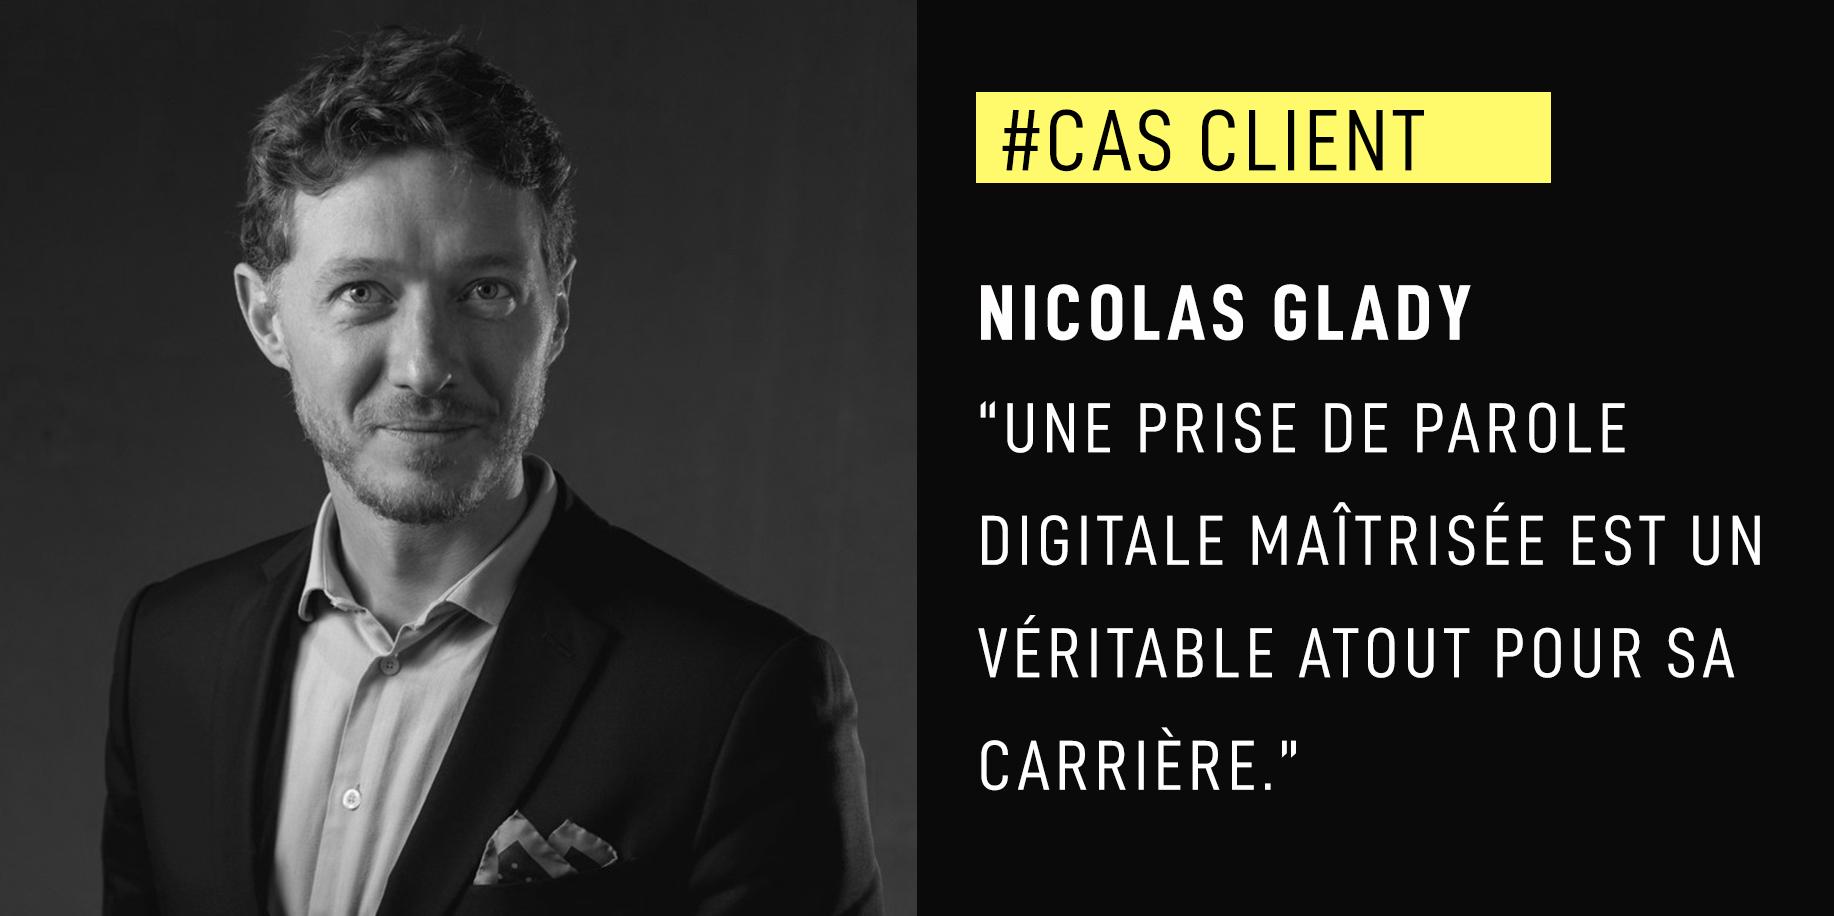 """Nicolas Glady : """"Une prise de parole digitale maîtrisée est un véritable atout pour sa carrière."""""""